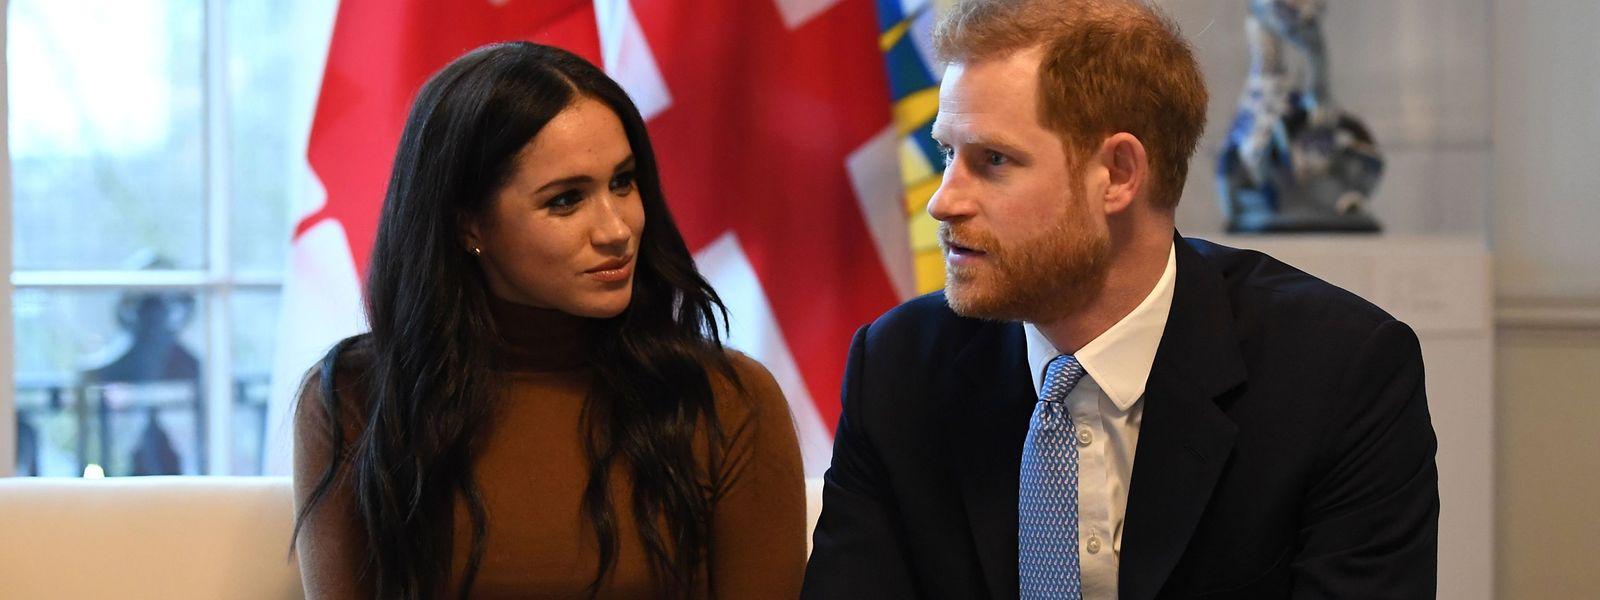 Der britische Prinz Harry und seine Ehefrau Meghan bei einem Termin am Dienstag im Kanada-Haus in London.